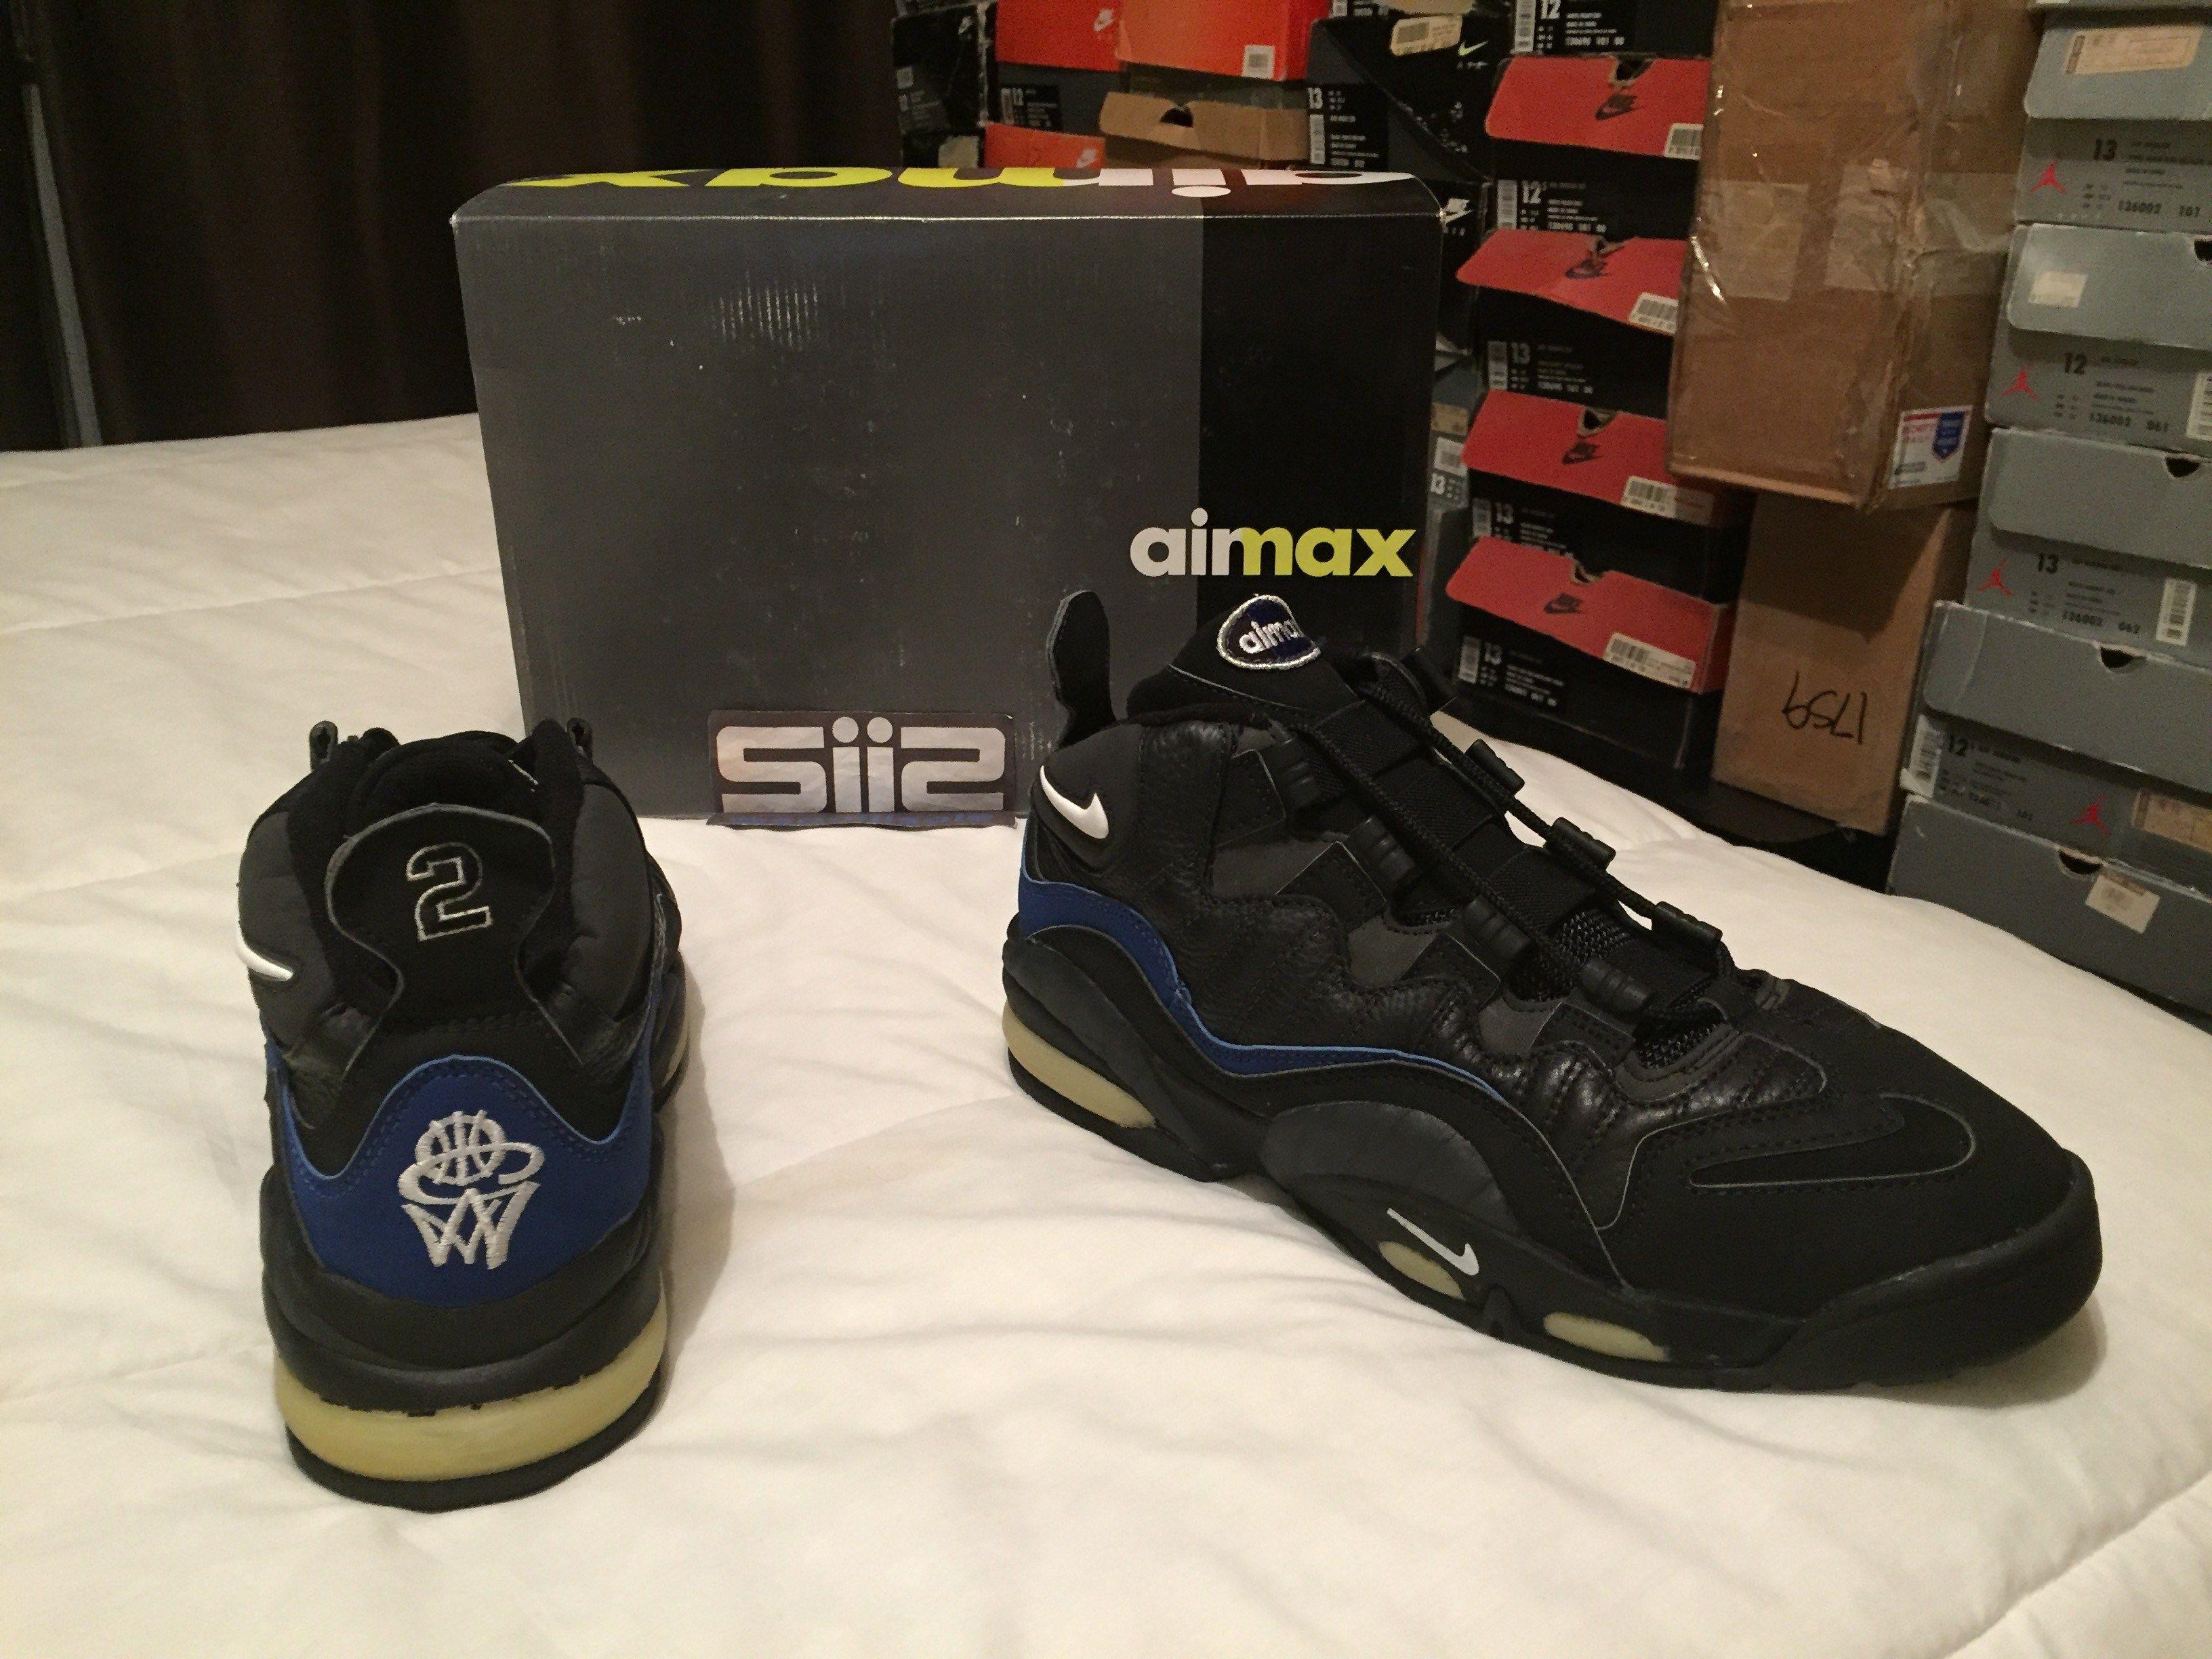 nike air max cw / / ritorno giovedi 'belle scarpe calzature vintage